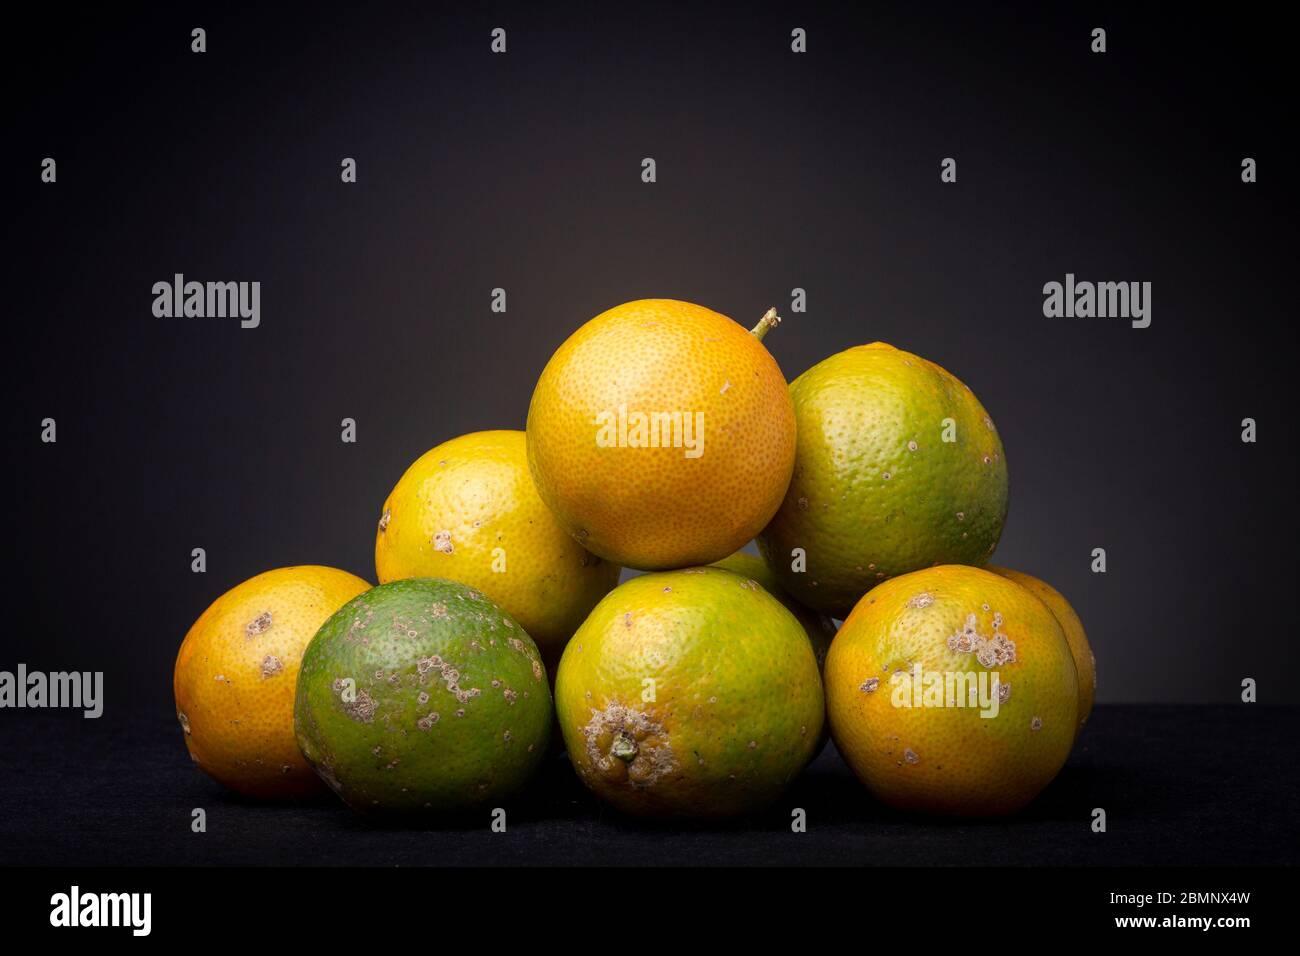 Bouquet de fruits colorés frais mûrs orange et vert Citrus Tangerina. Banque D'Images